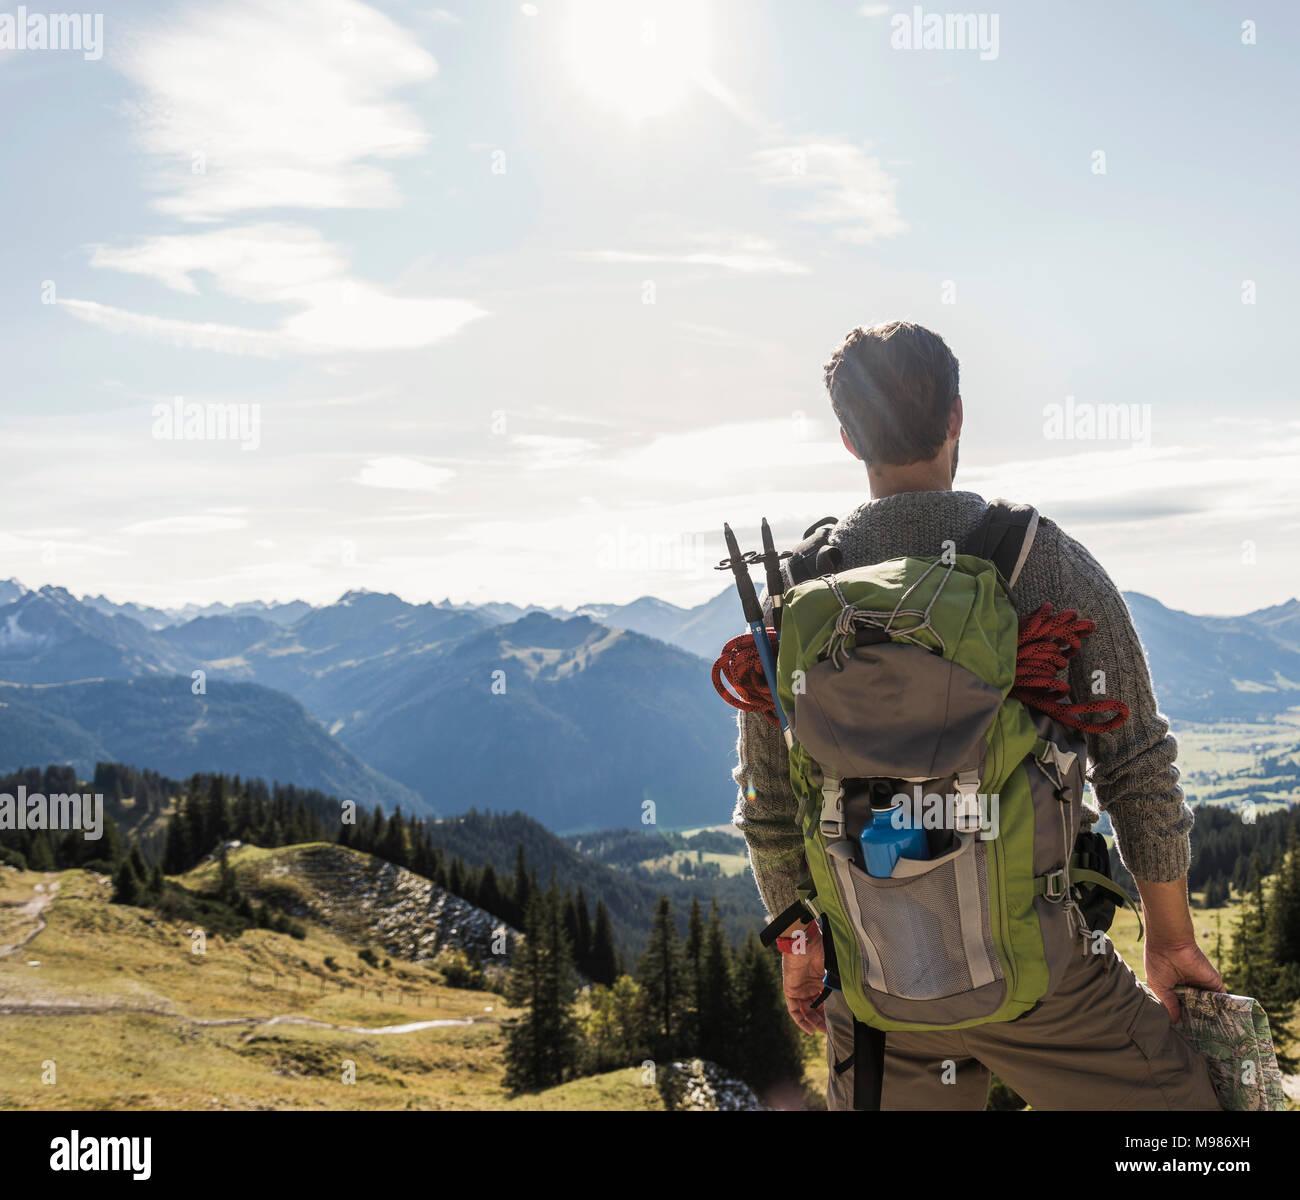 Austria, Tirol, joven mountainscape mirando a ver Imagen De Stock